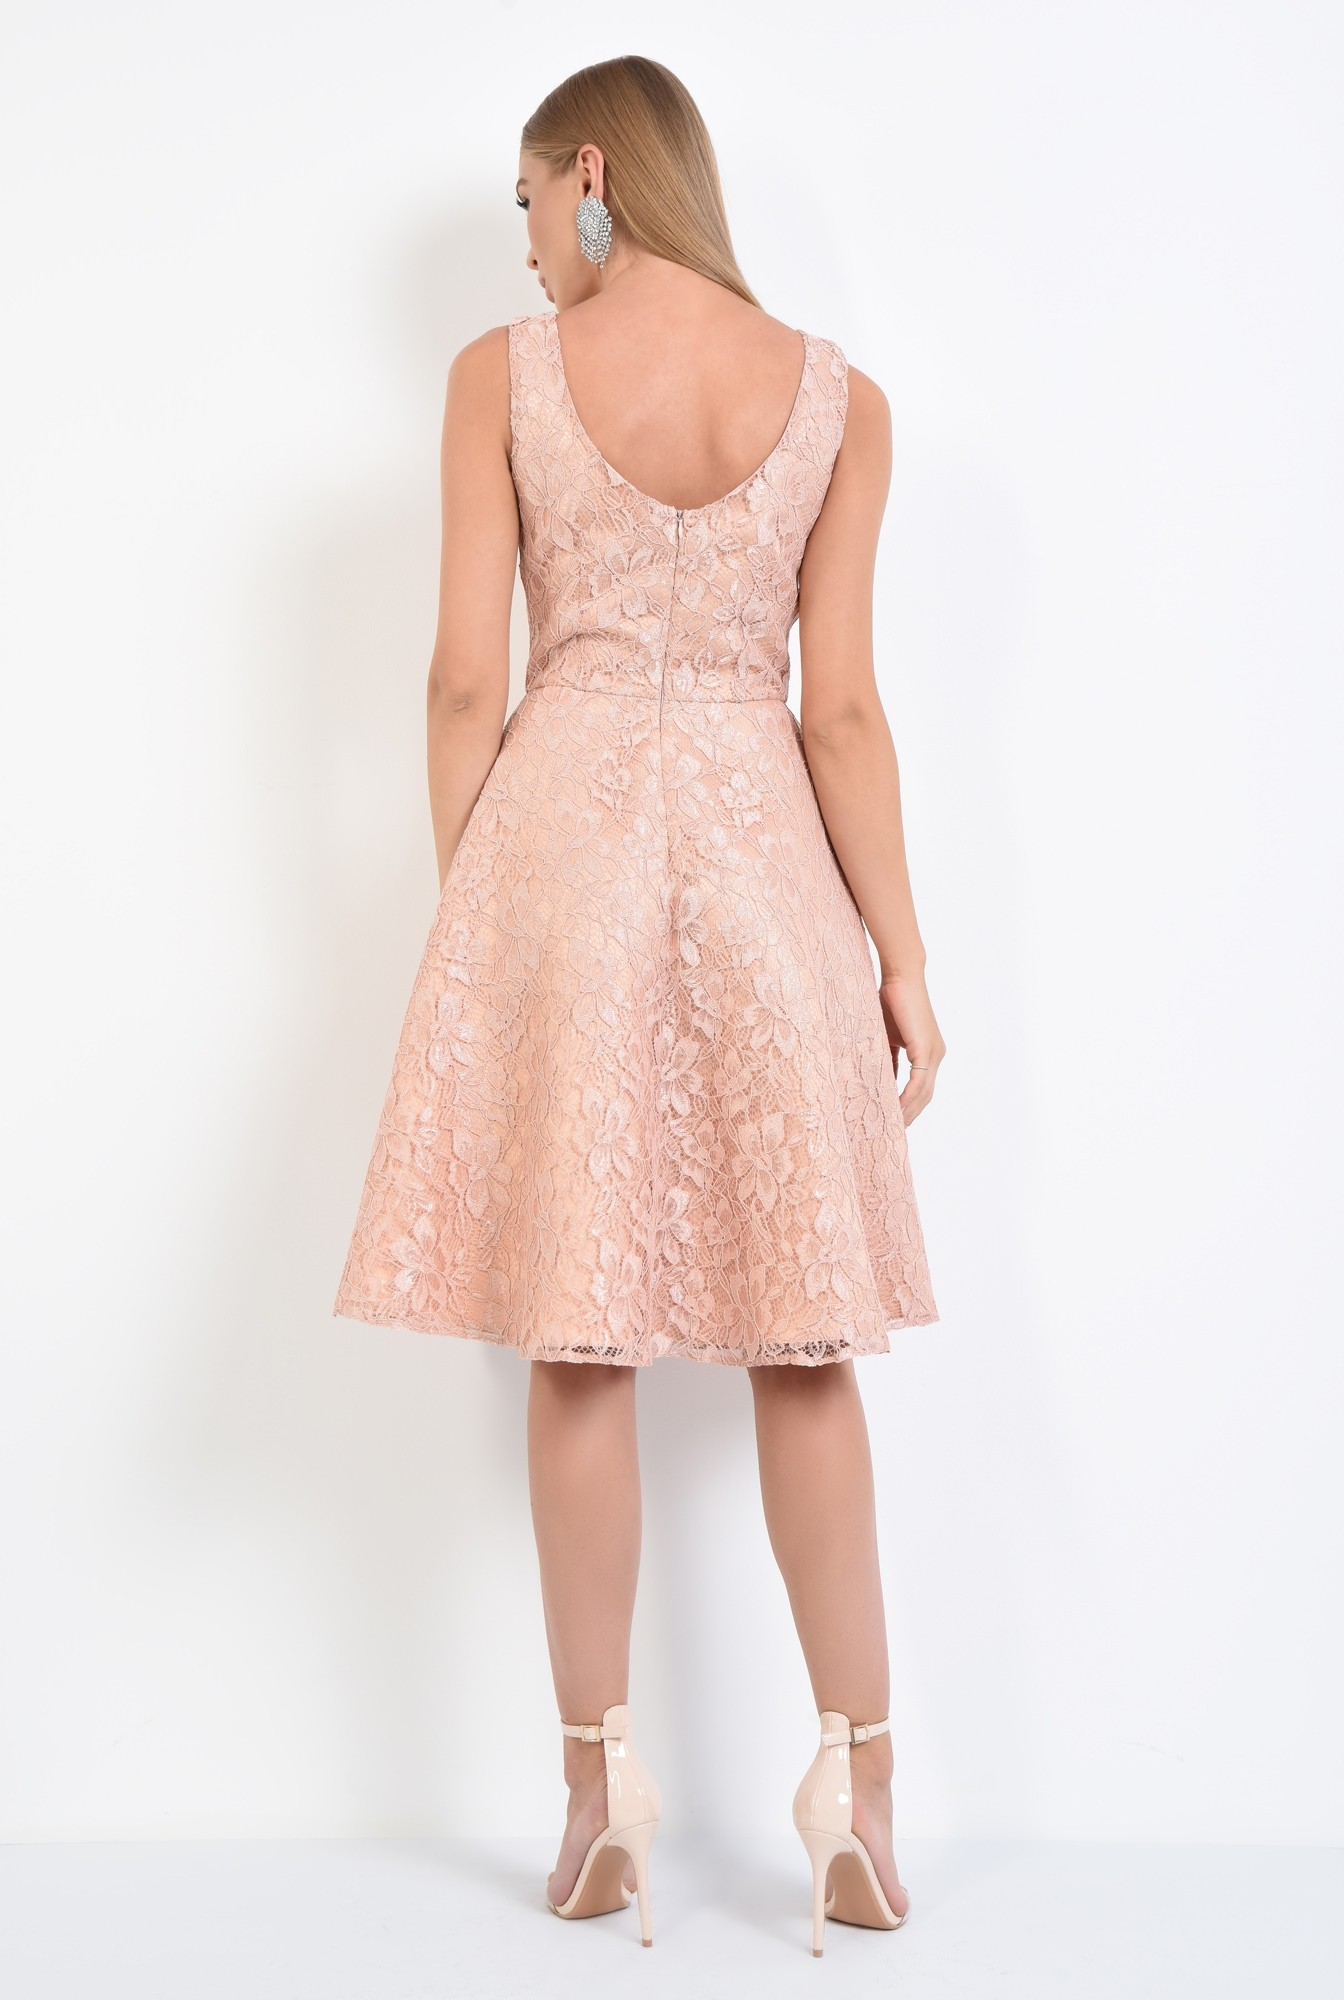 1 - rochie eleganta, peach, spate decoltat, decolteu barcuta